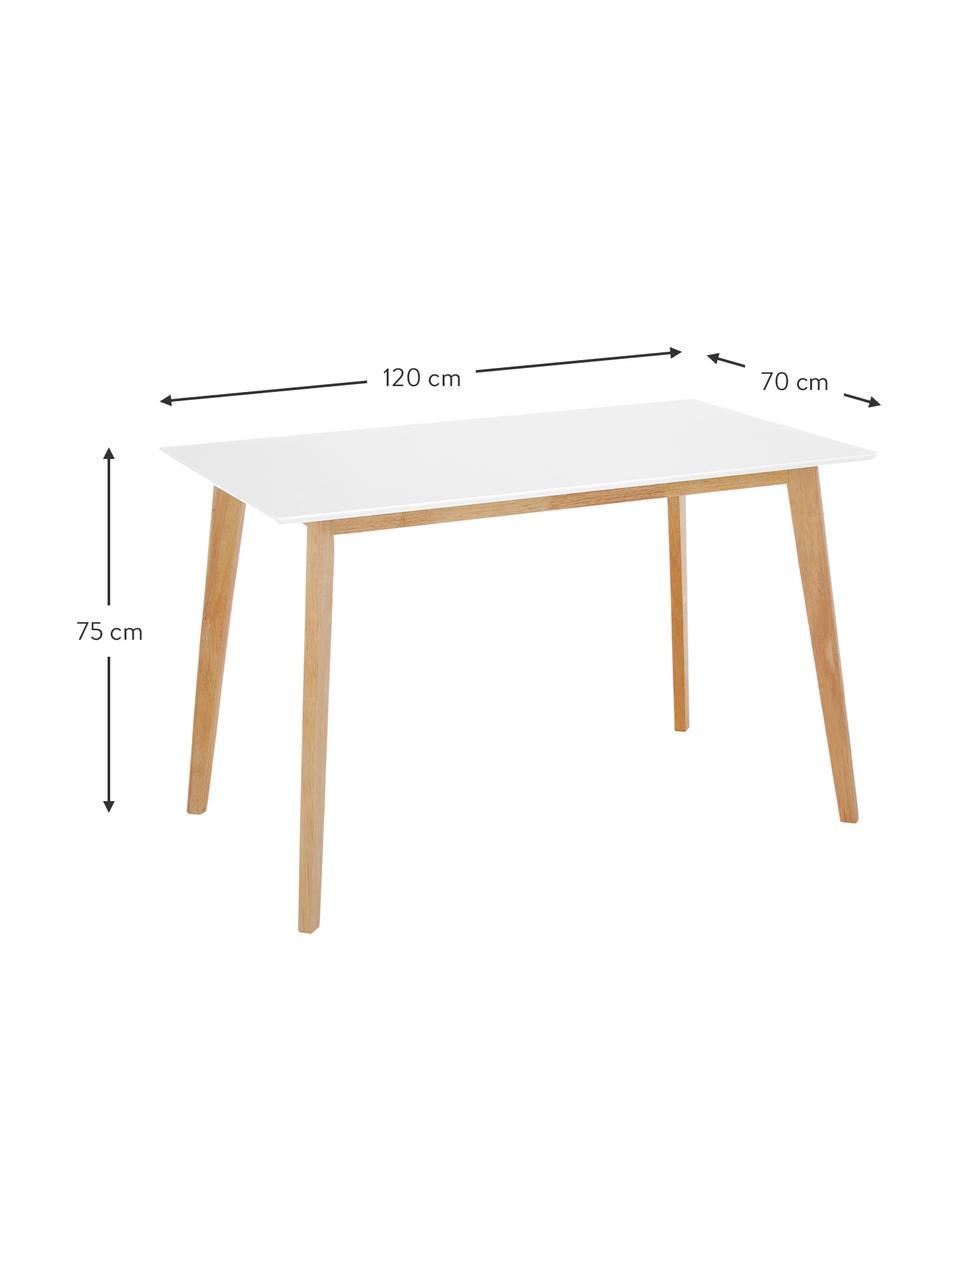 Stół do jadalni w stylu skandi Vojens, Blat: płyta pilśniowa średniej , Nogi: drewno kauczukowe, Biały, S 120 x G 70 cm